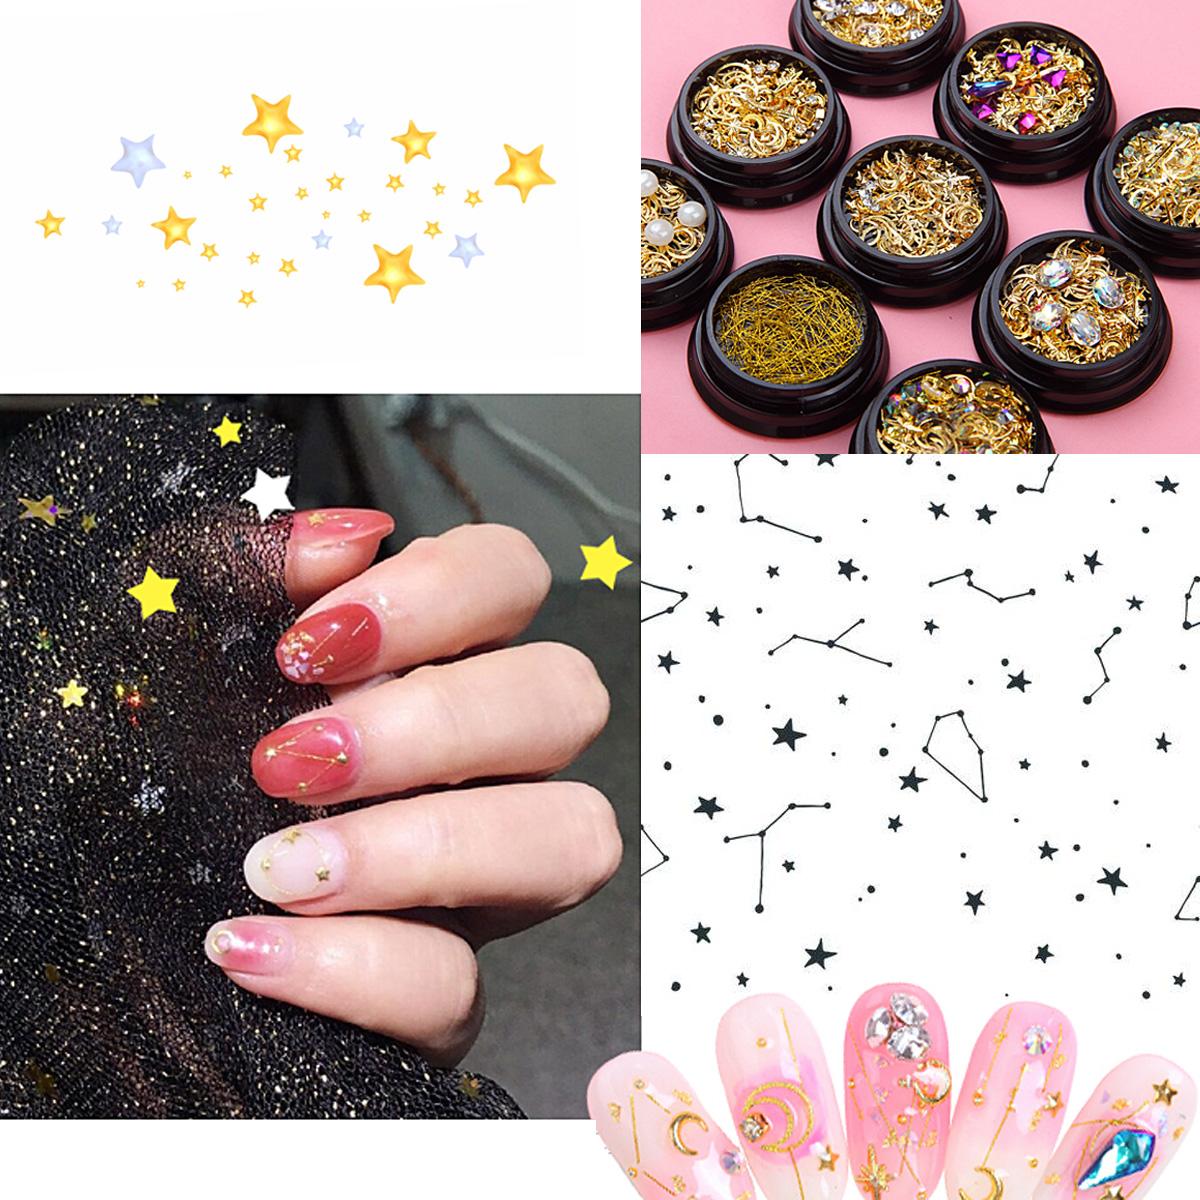 Decoración Para Uñas Conjunto Mixto Luna Estrellas Pedrería 1 Pieza A Elegir